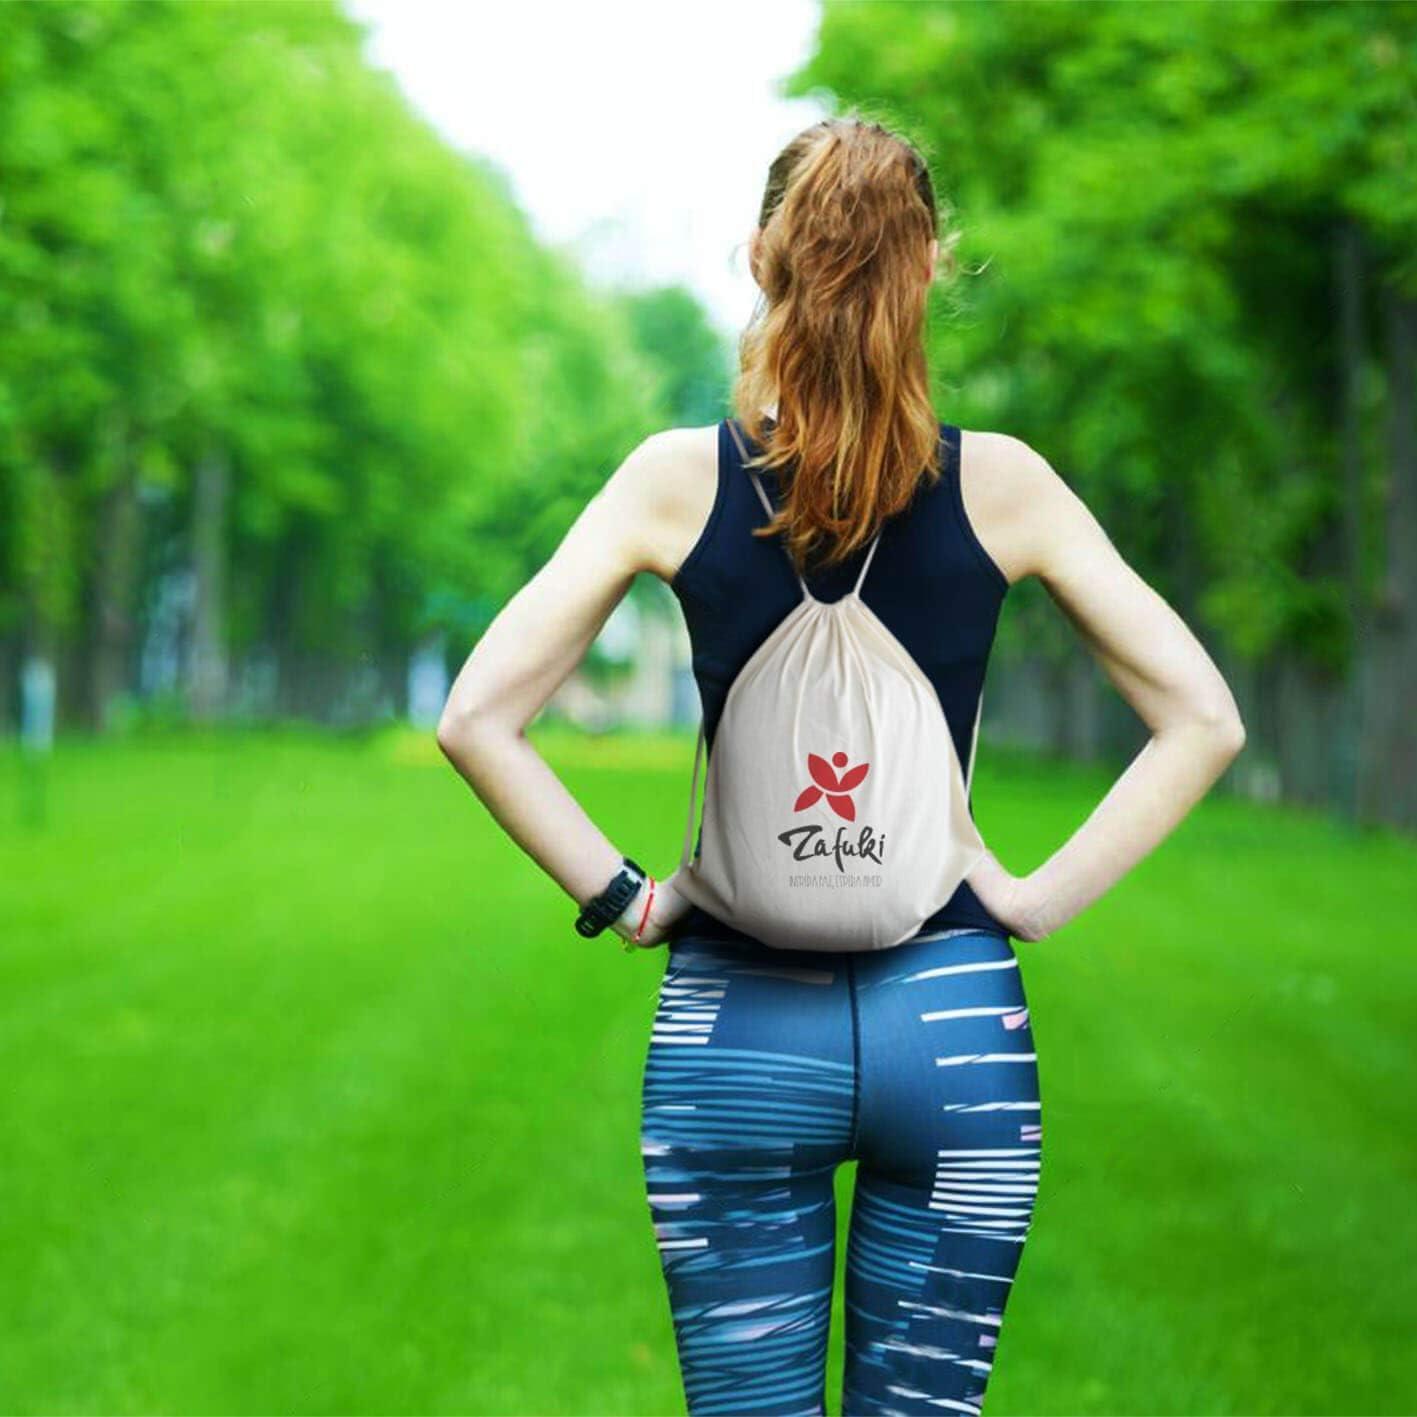 Cojín de Yoga y Meditación Ecológico ZAFUKI